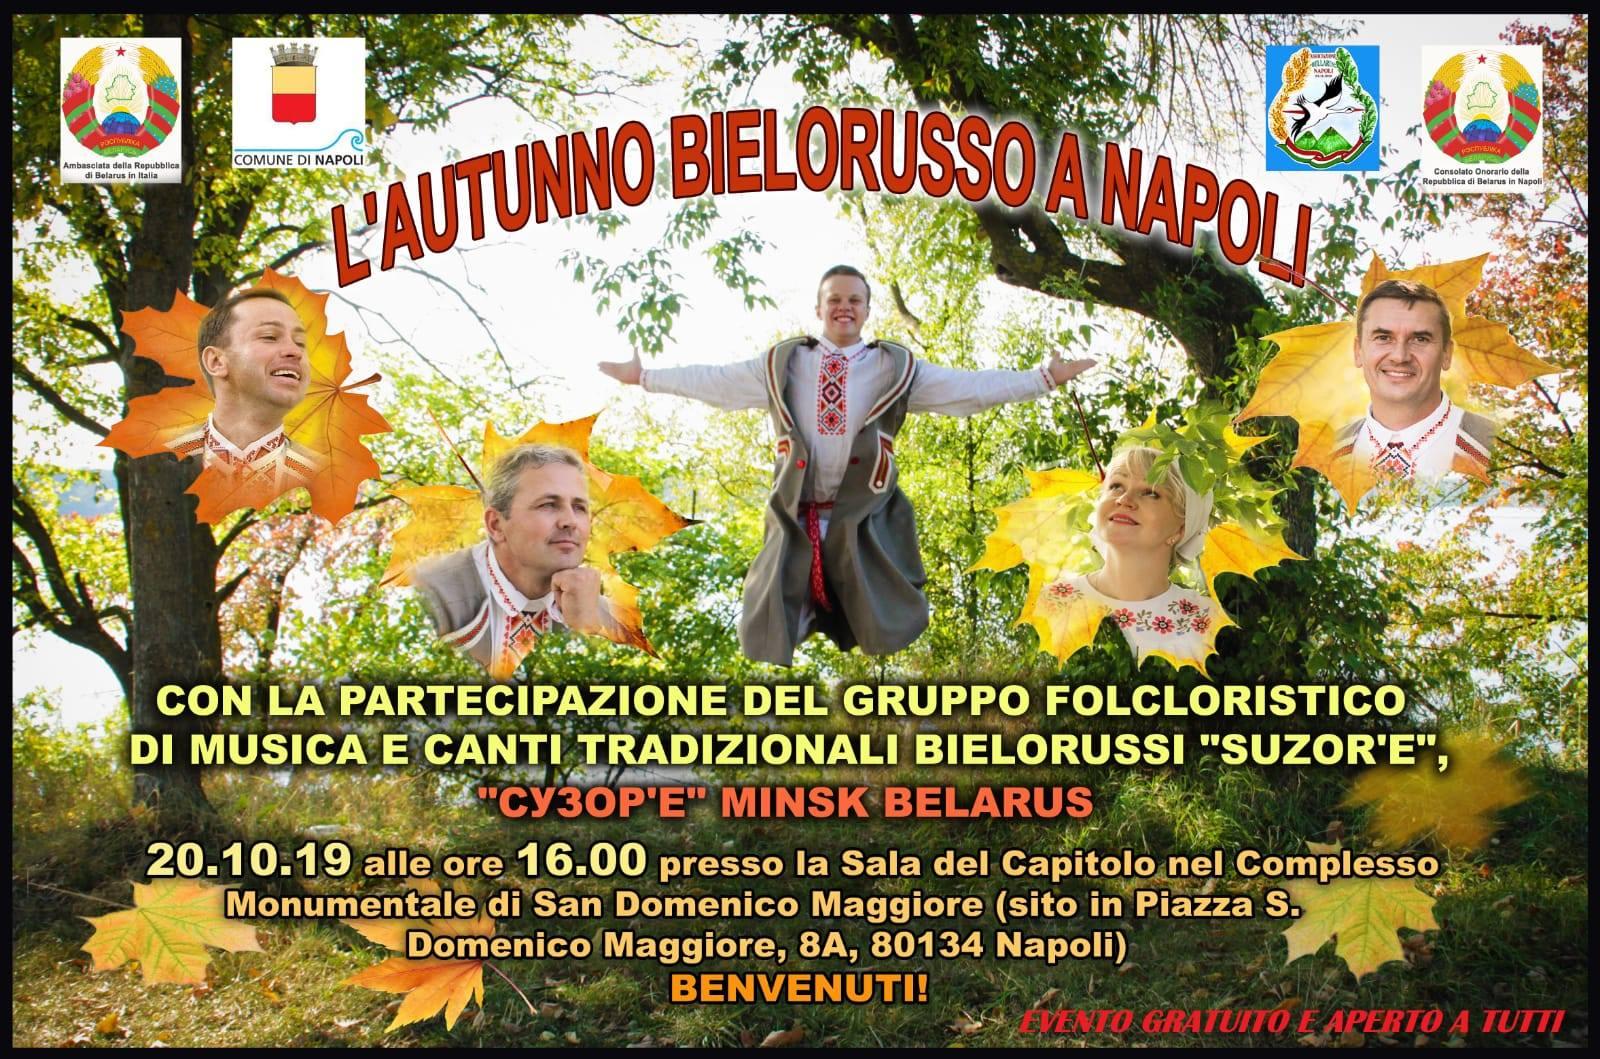 L'autunno bielorusso a Napoli: il 20 ottobre nel Complesso Monumentale di San Domenico Maggiore